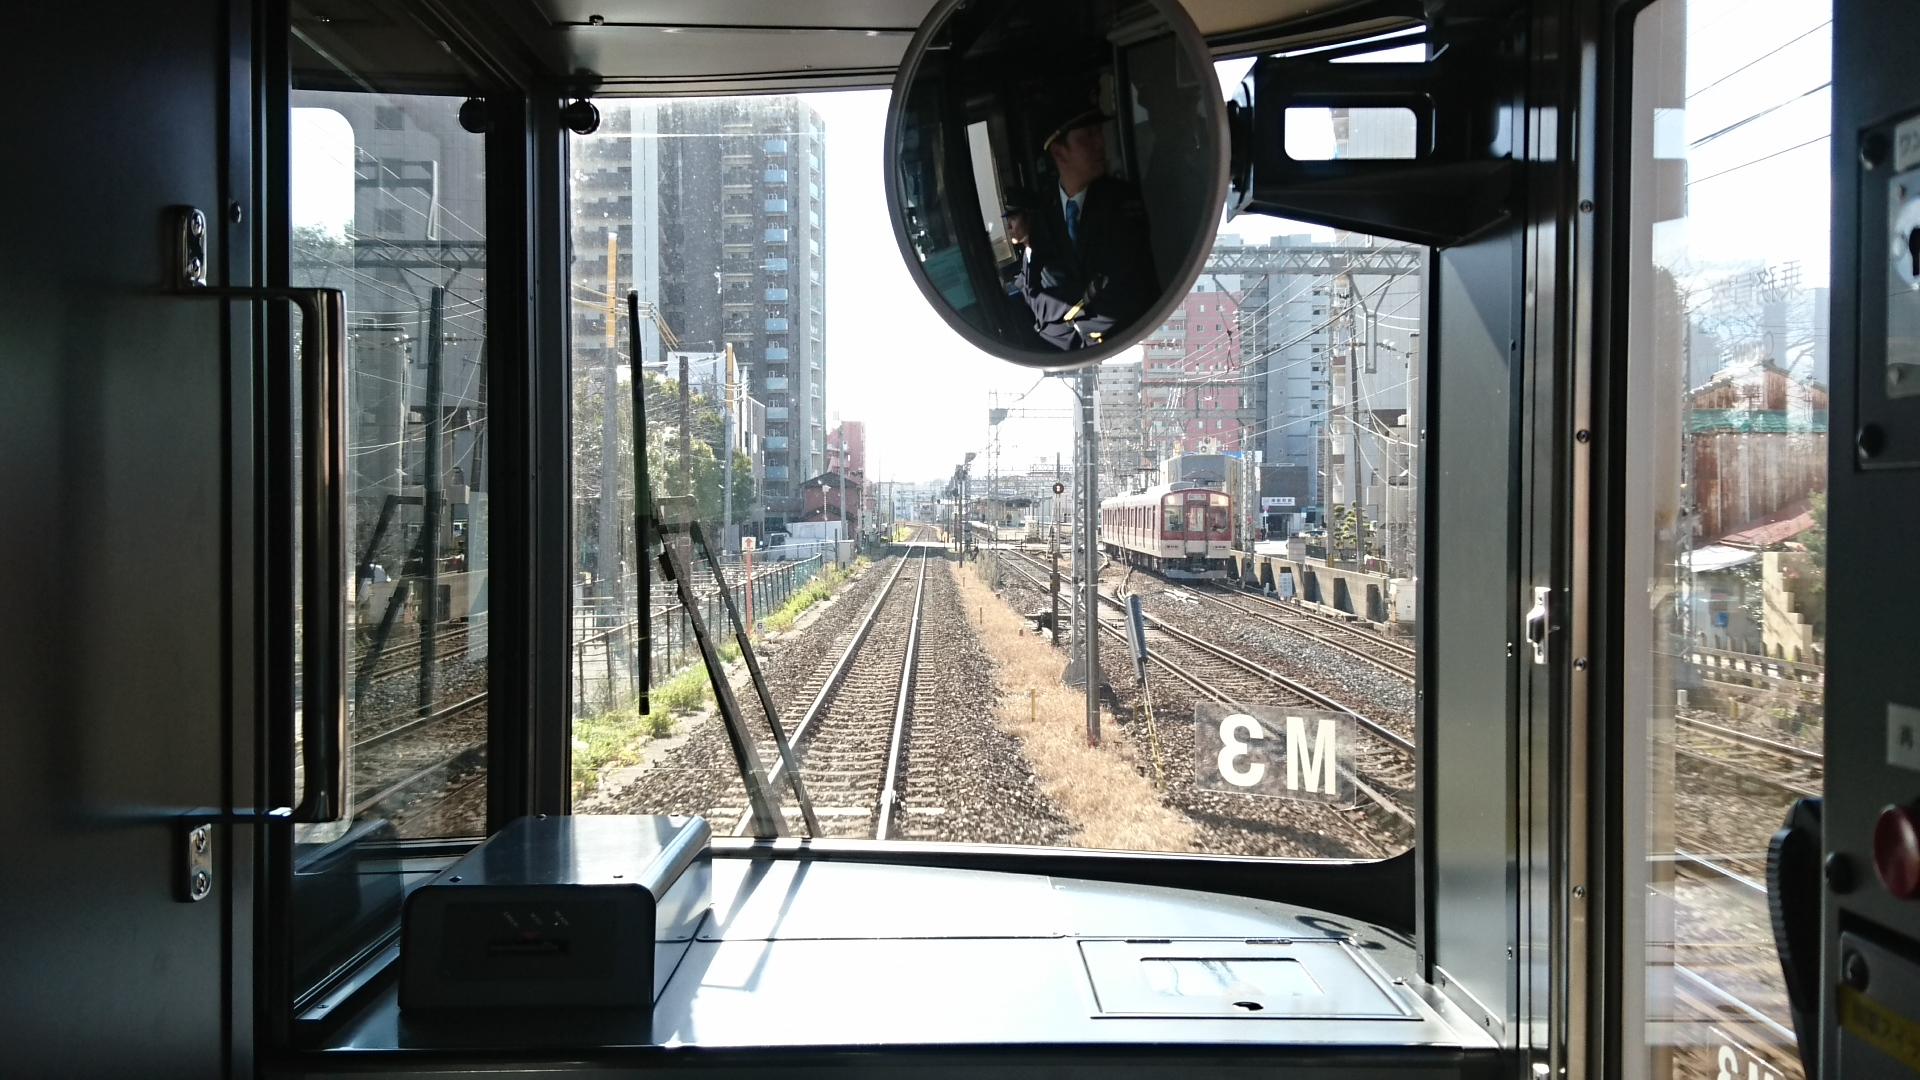 2017.12.12 松阪 (12) 鳥羽いきふつう - 津-阿漕間(津新町) 1920-1080